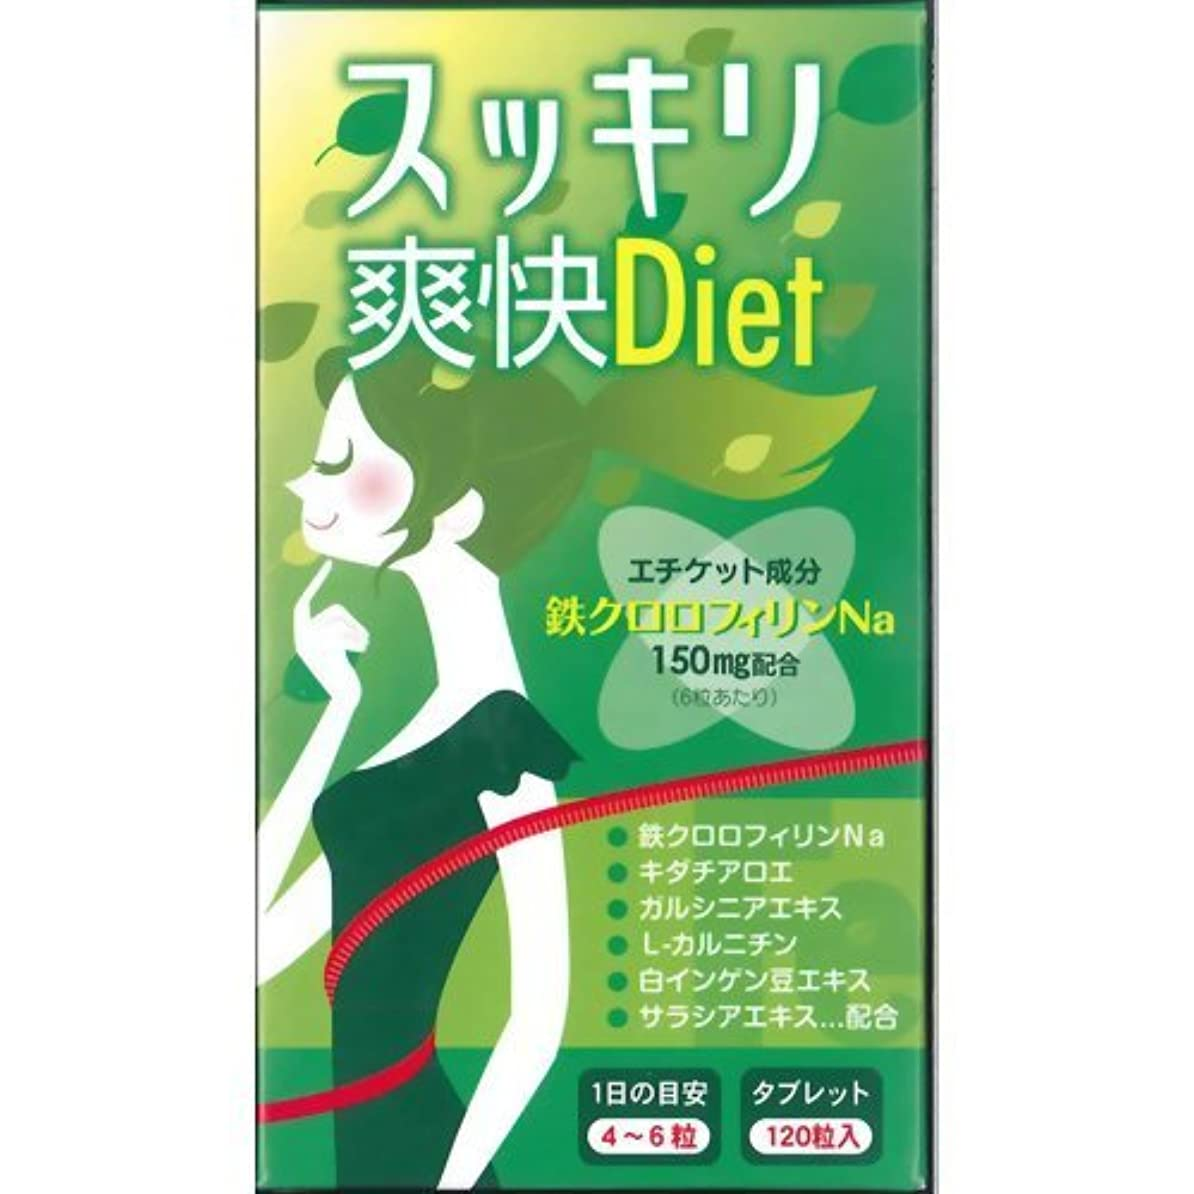 コイン夢ベーシックスッキリ爽快Diet